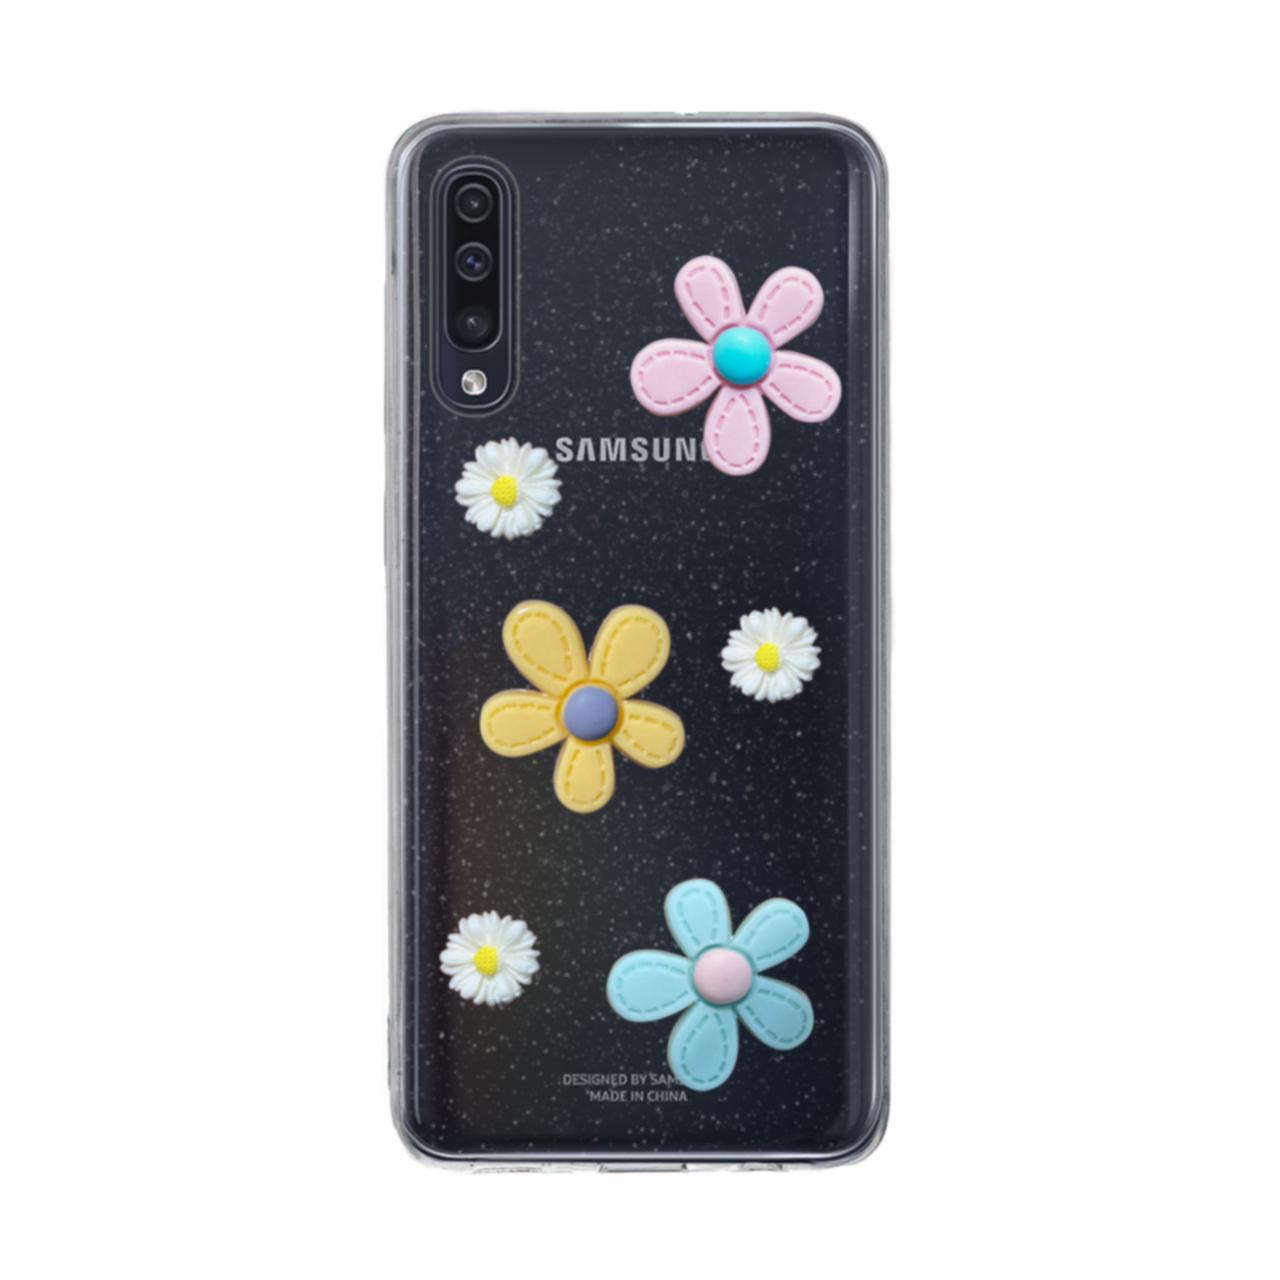 کاور دکین طرح گل مدل Fanzyمناسب برای گوشی موبایل سامسونگGalaxy A50 /A30s / A50s